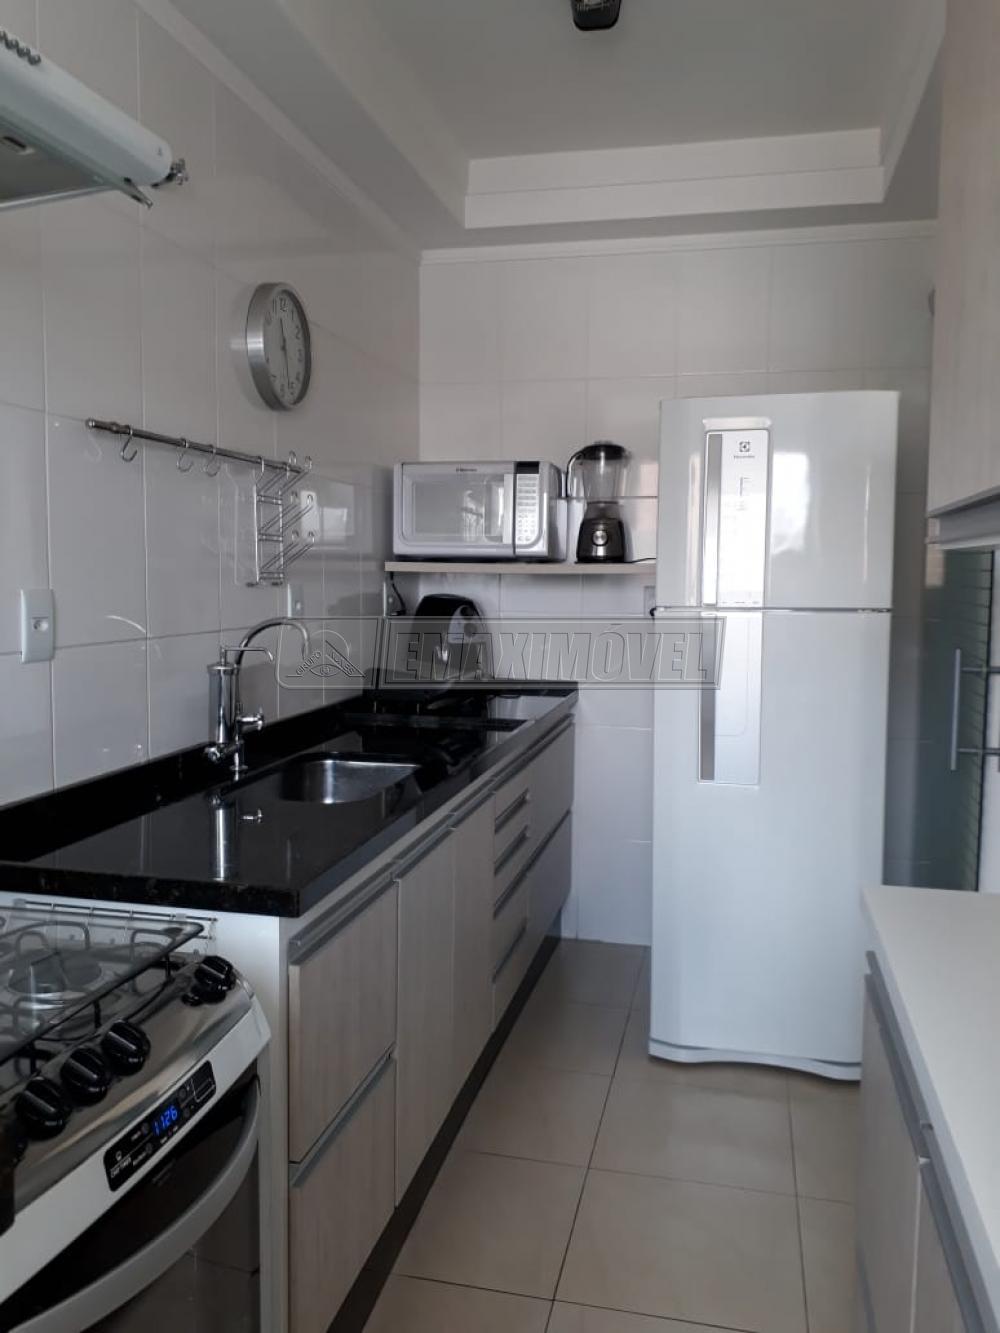 Comprar Apartamento / Padrão em Sorocaba R$ 348.000,00 - Foto 7